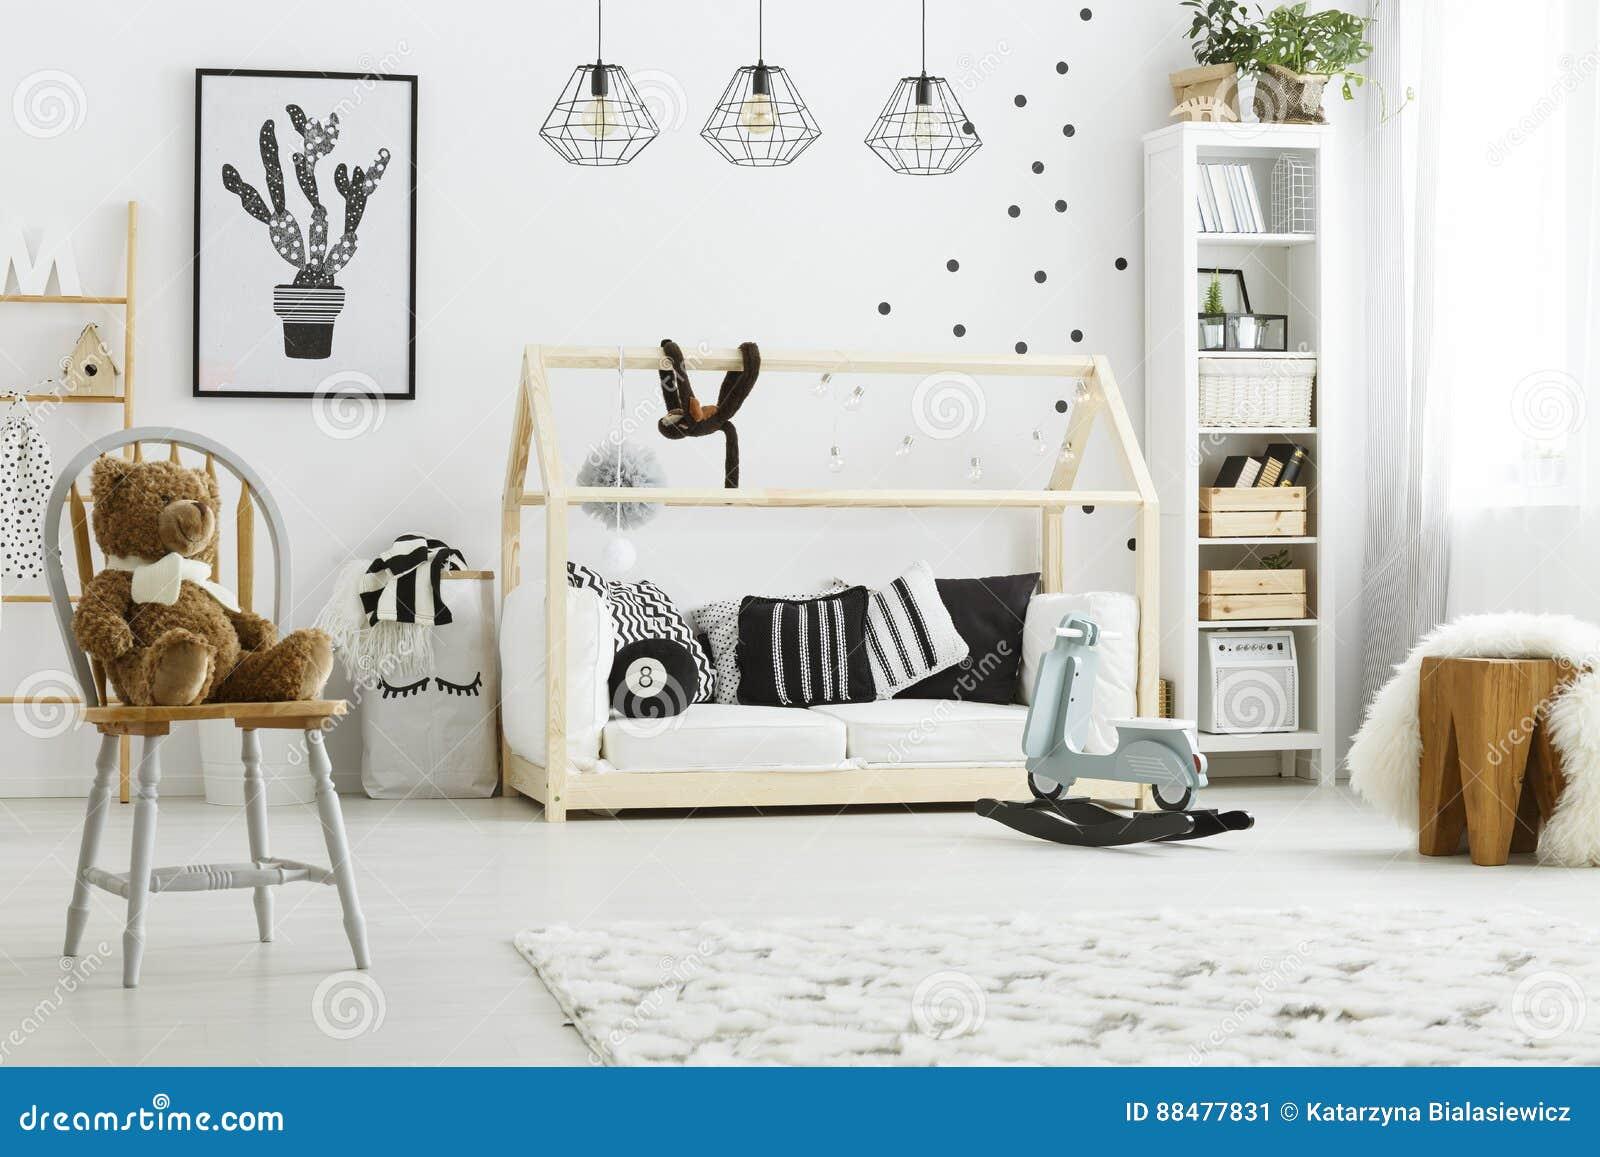 Kinderschlafzimmer Mit Hausbett Stockbild - Bild von cozy ...